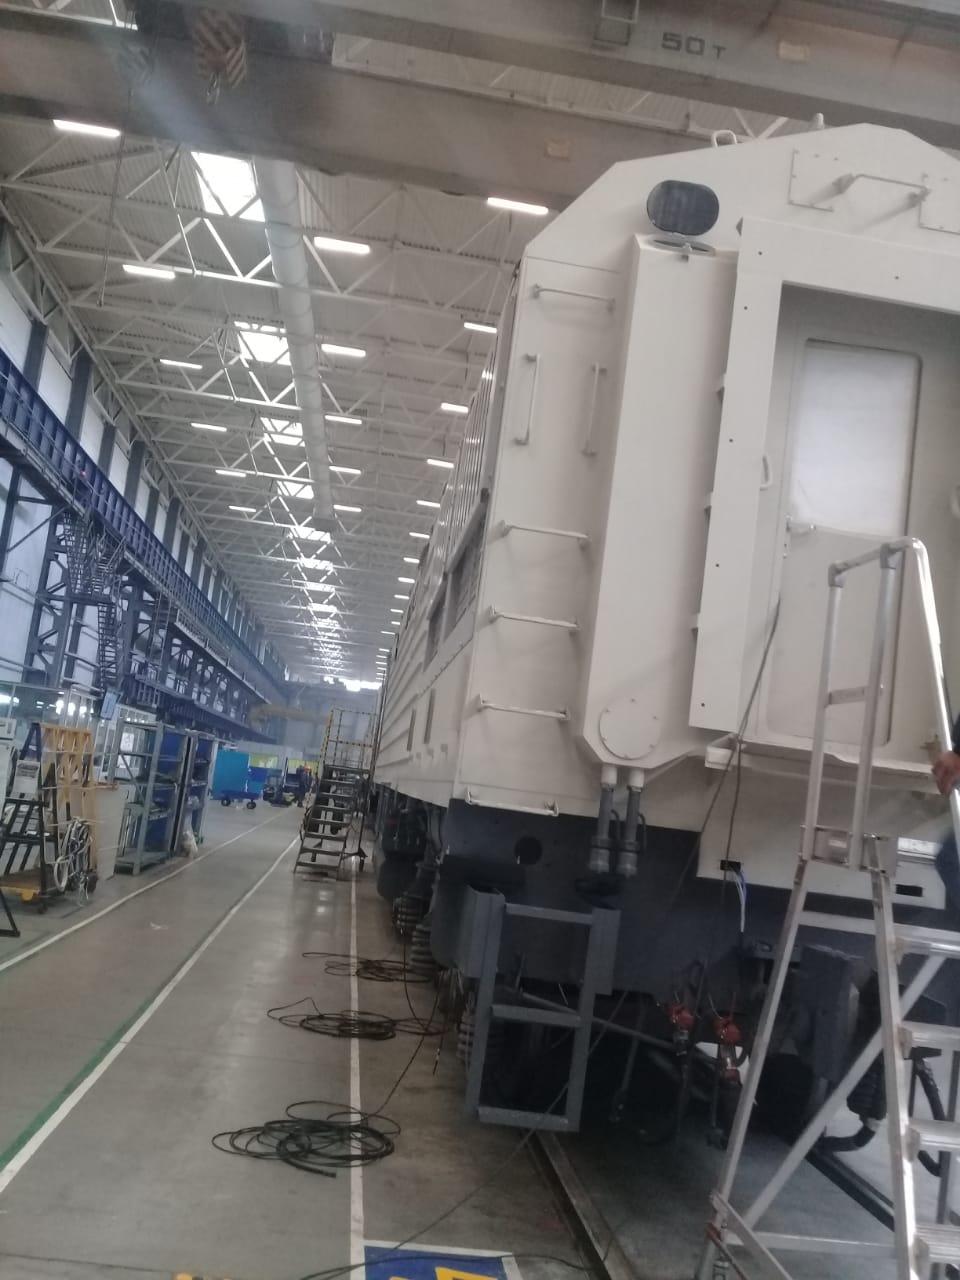 جولة لليوم السابع بمصنع جرارات السكة الحديد الروسى (6)